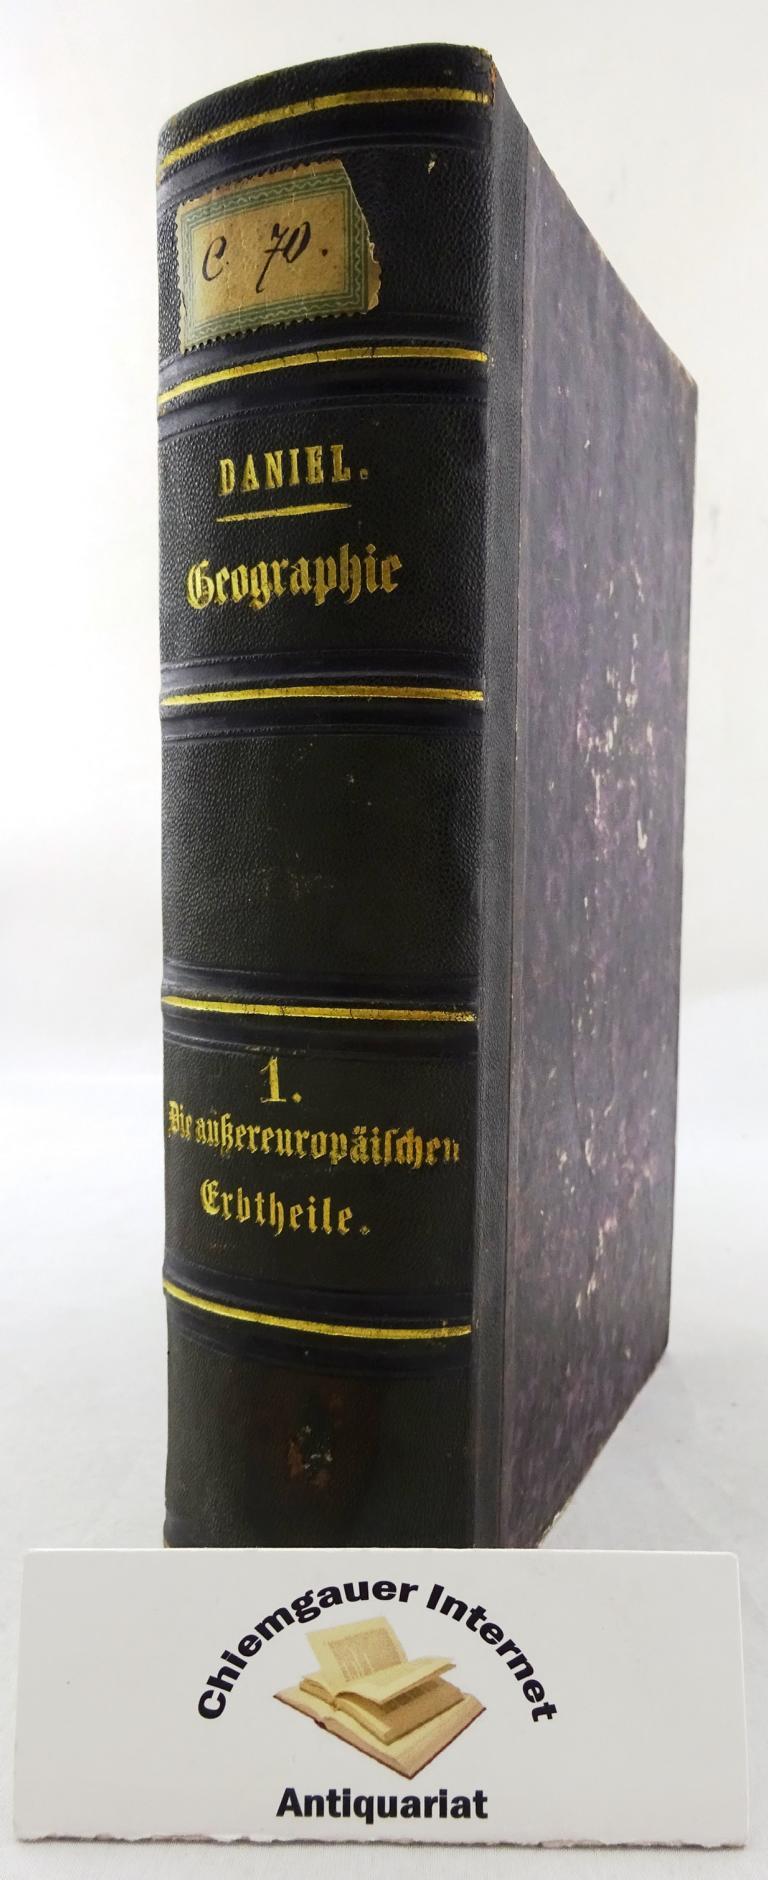 Handbuch der Geographie. Erster Theil: Allgemeine Geographie. Die außereuropäischen Erdtheile. Dritte, vielfach VERBESSERTE Auflage.